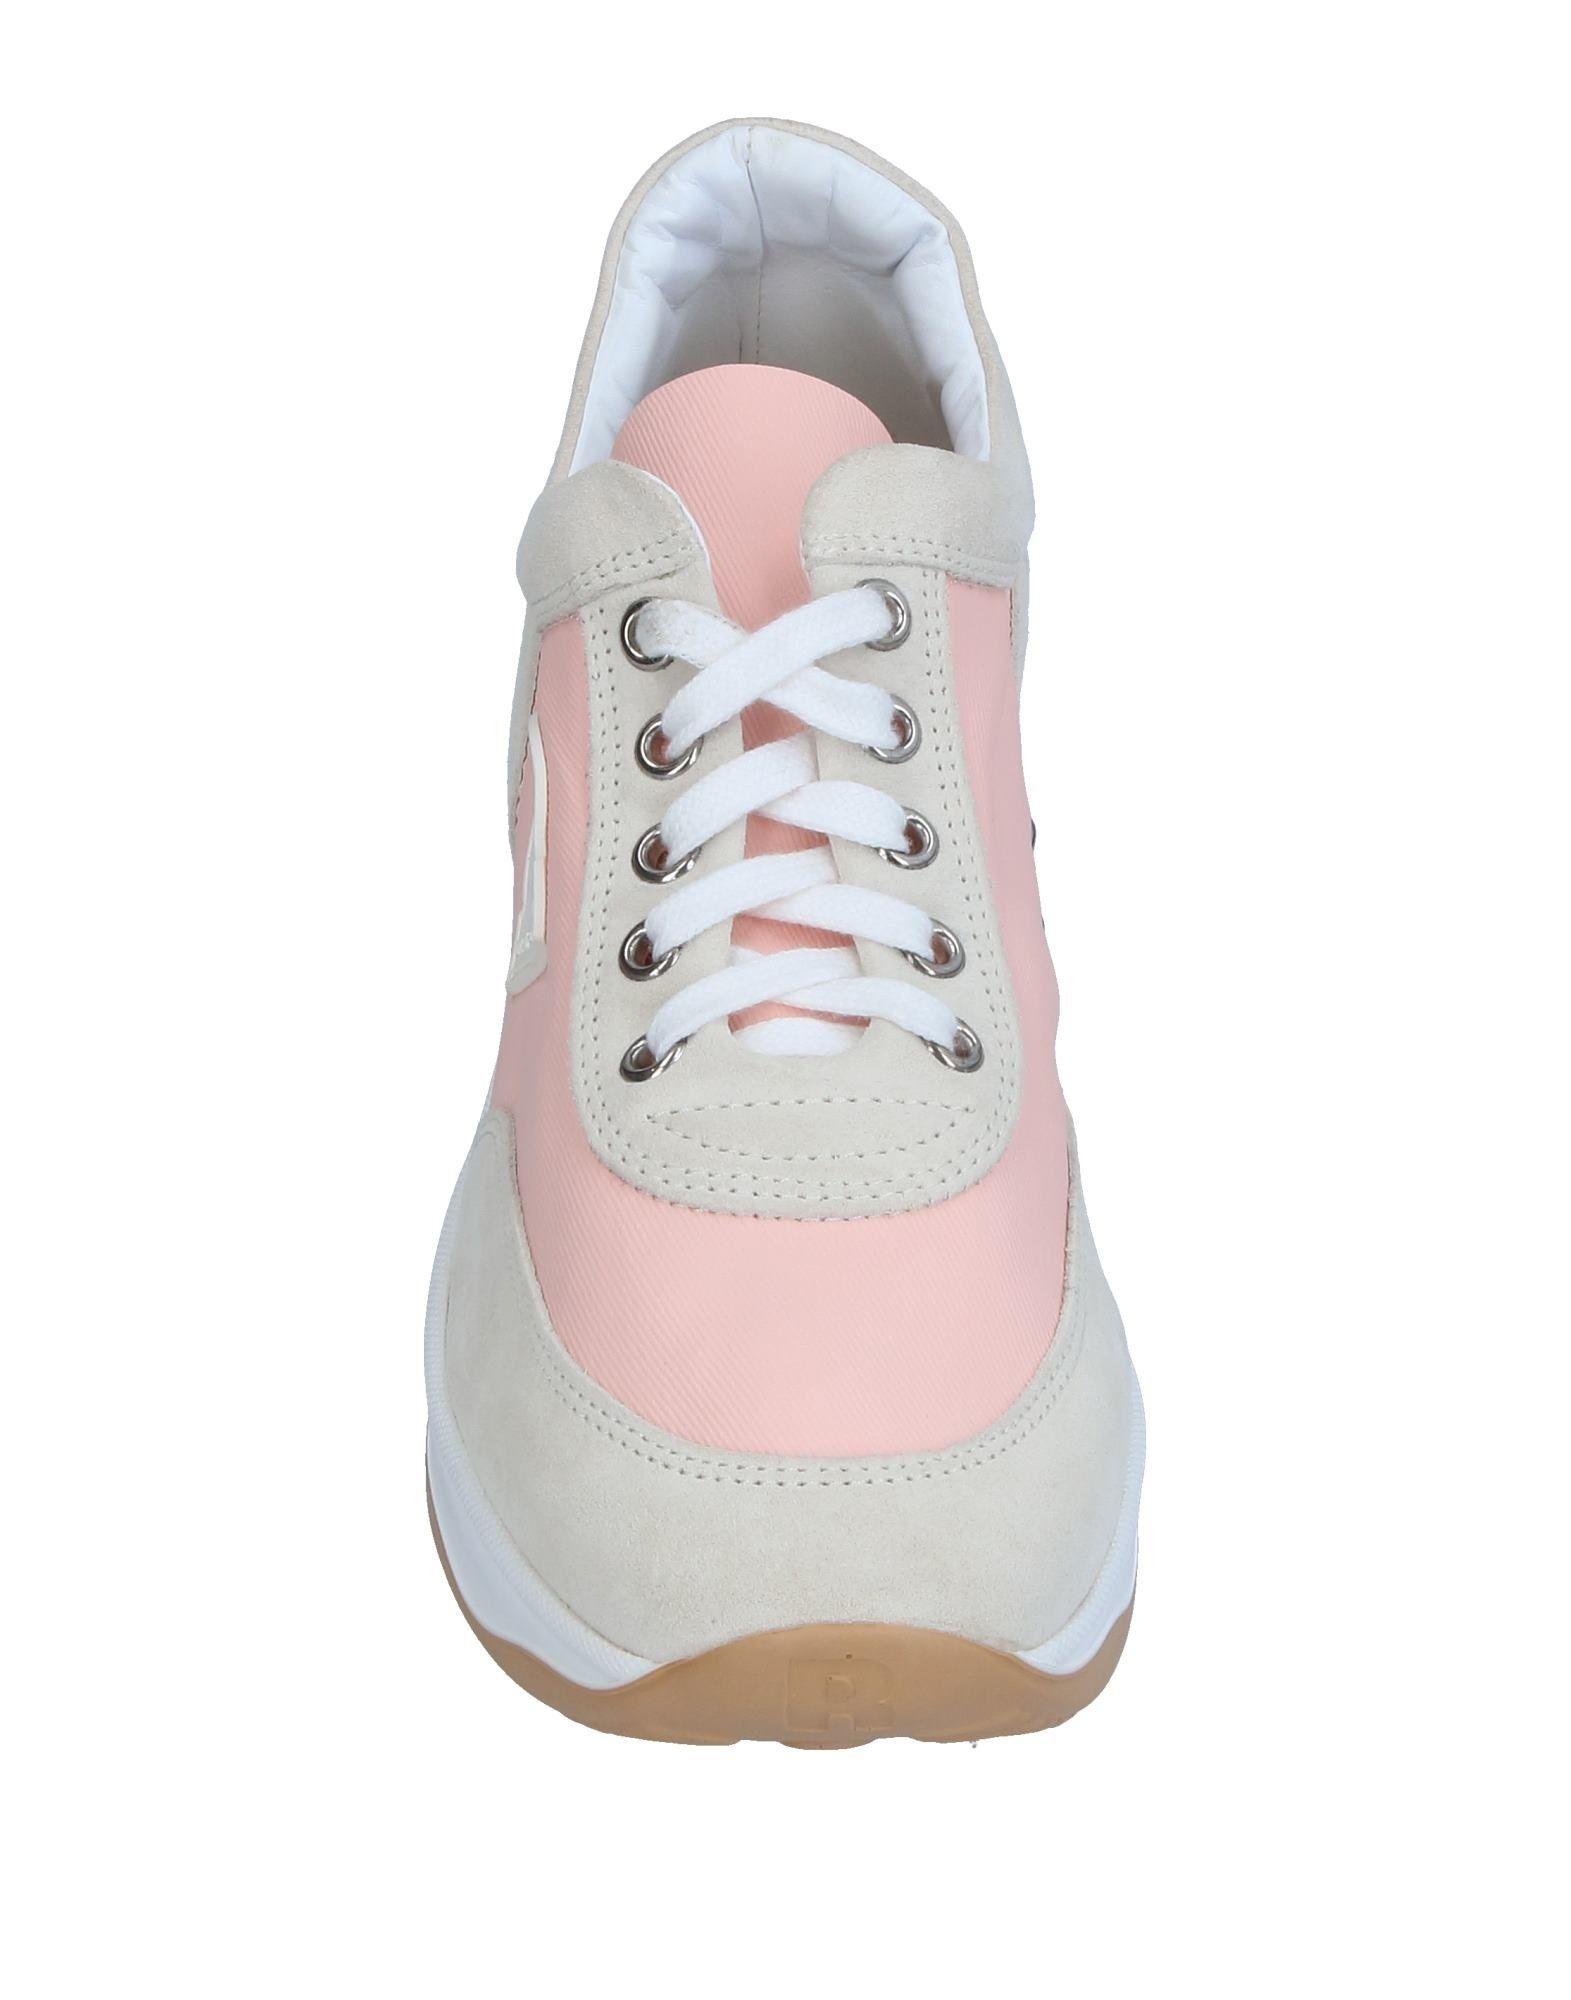 Agile By Rucoline Neue Sneakers Damen  11334491CR Neue Rucoline Schuhe c1ca1d